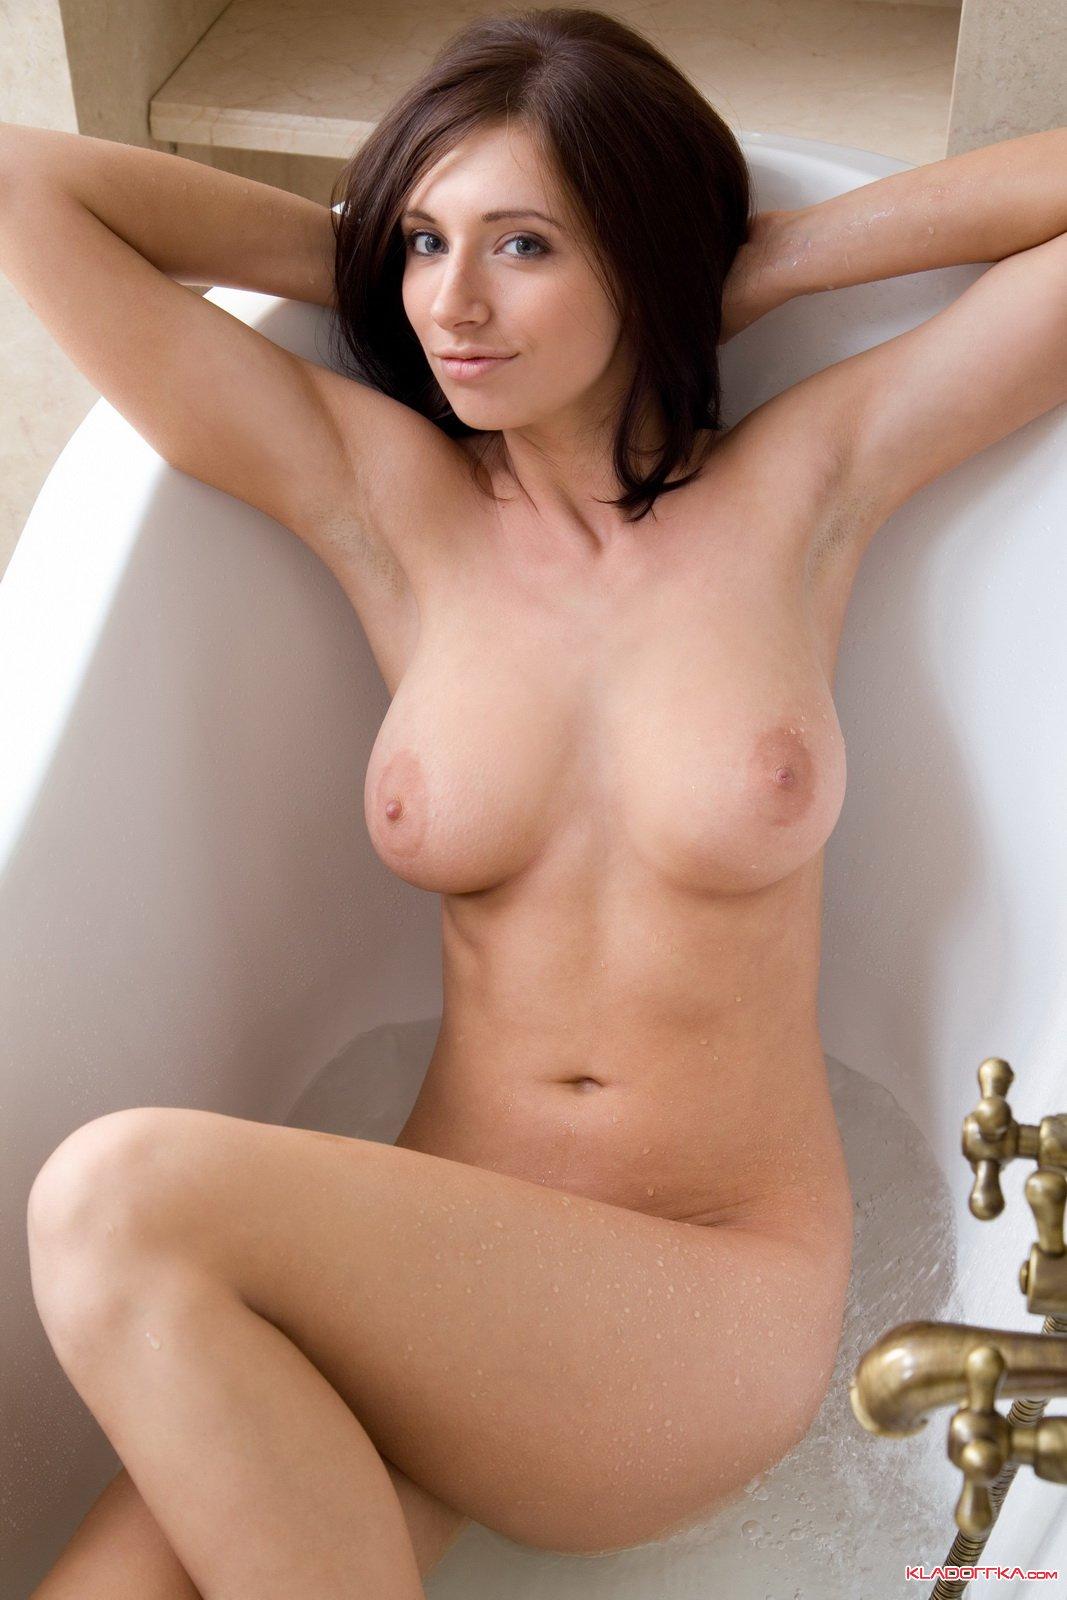 Красивая телка скрасивой грудь трахаеться